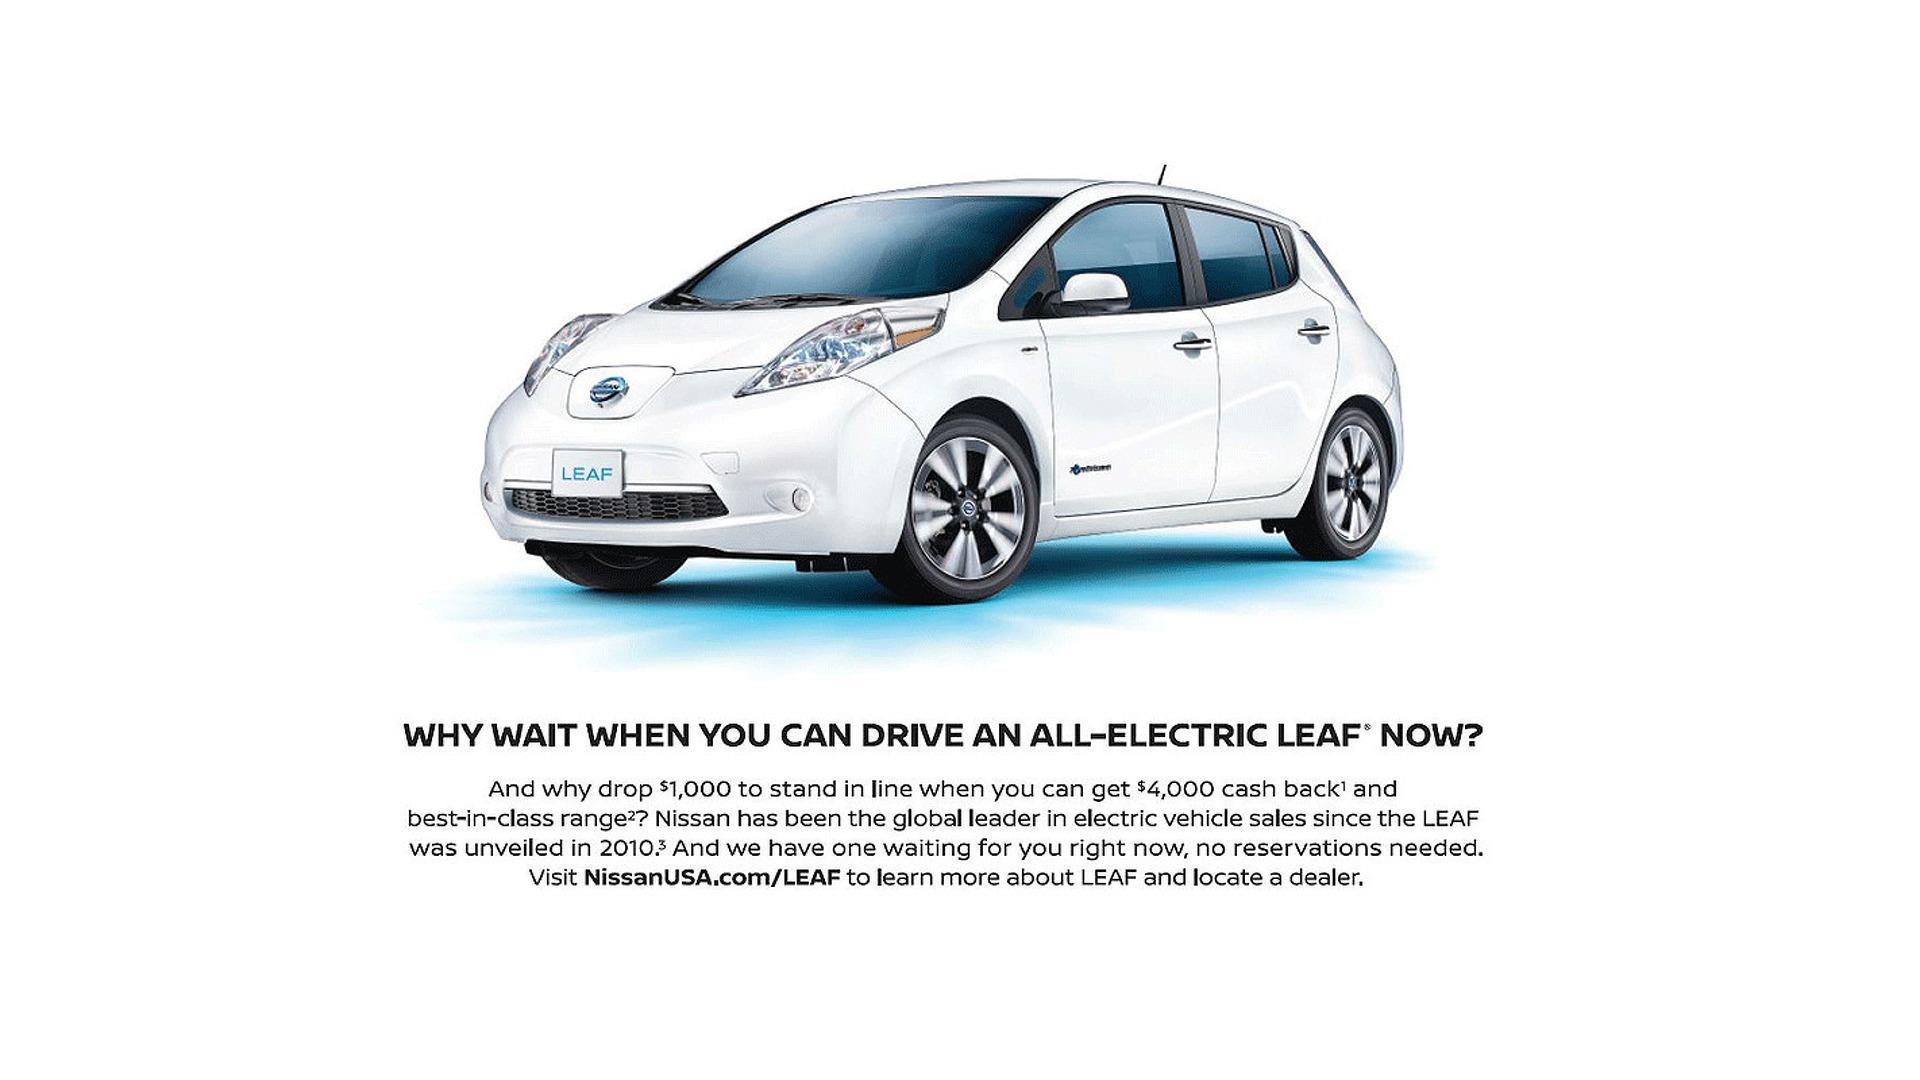 Nissan mocks Tesla Model 3 hype in new ad